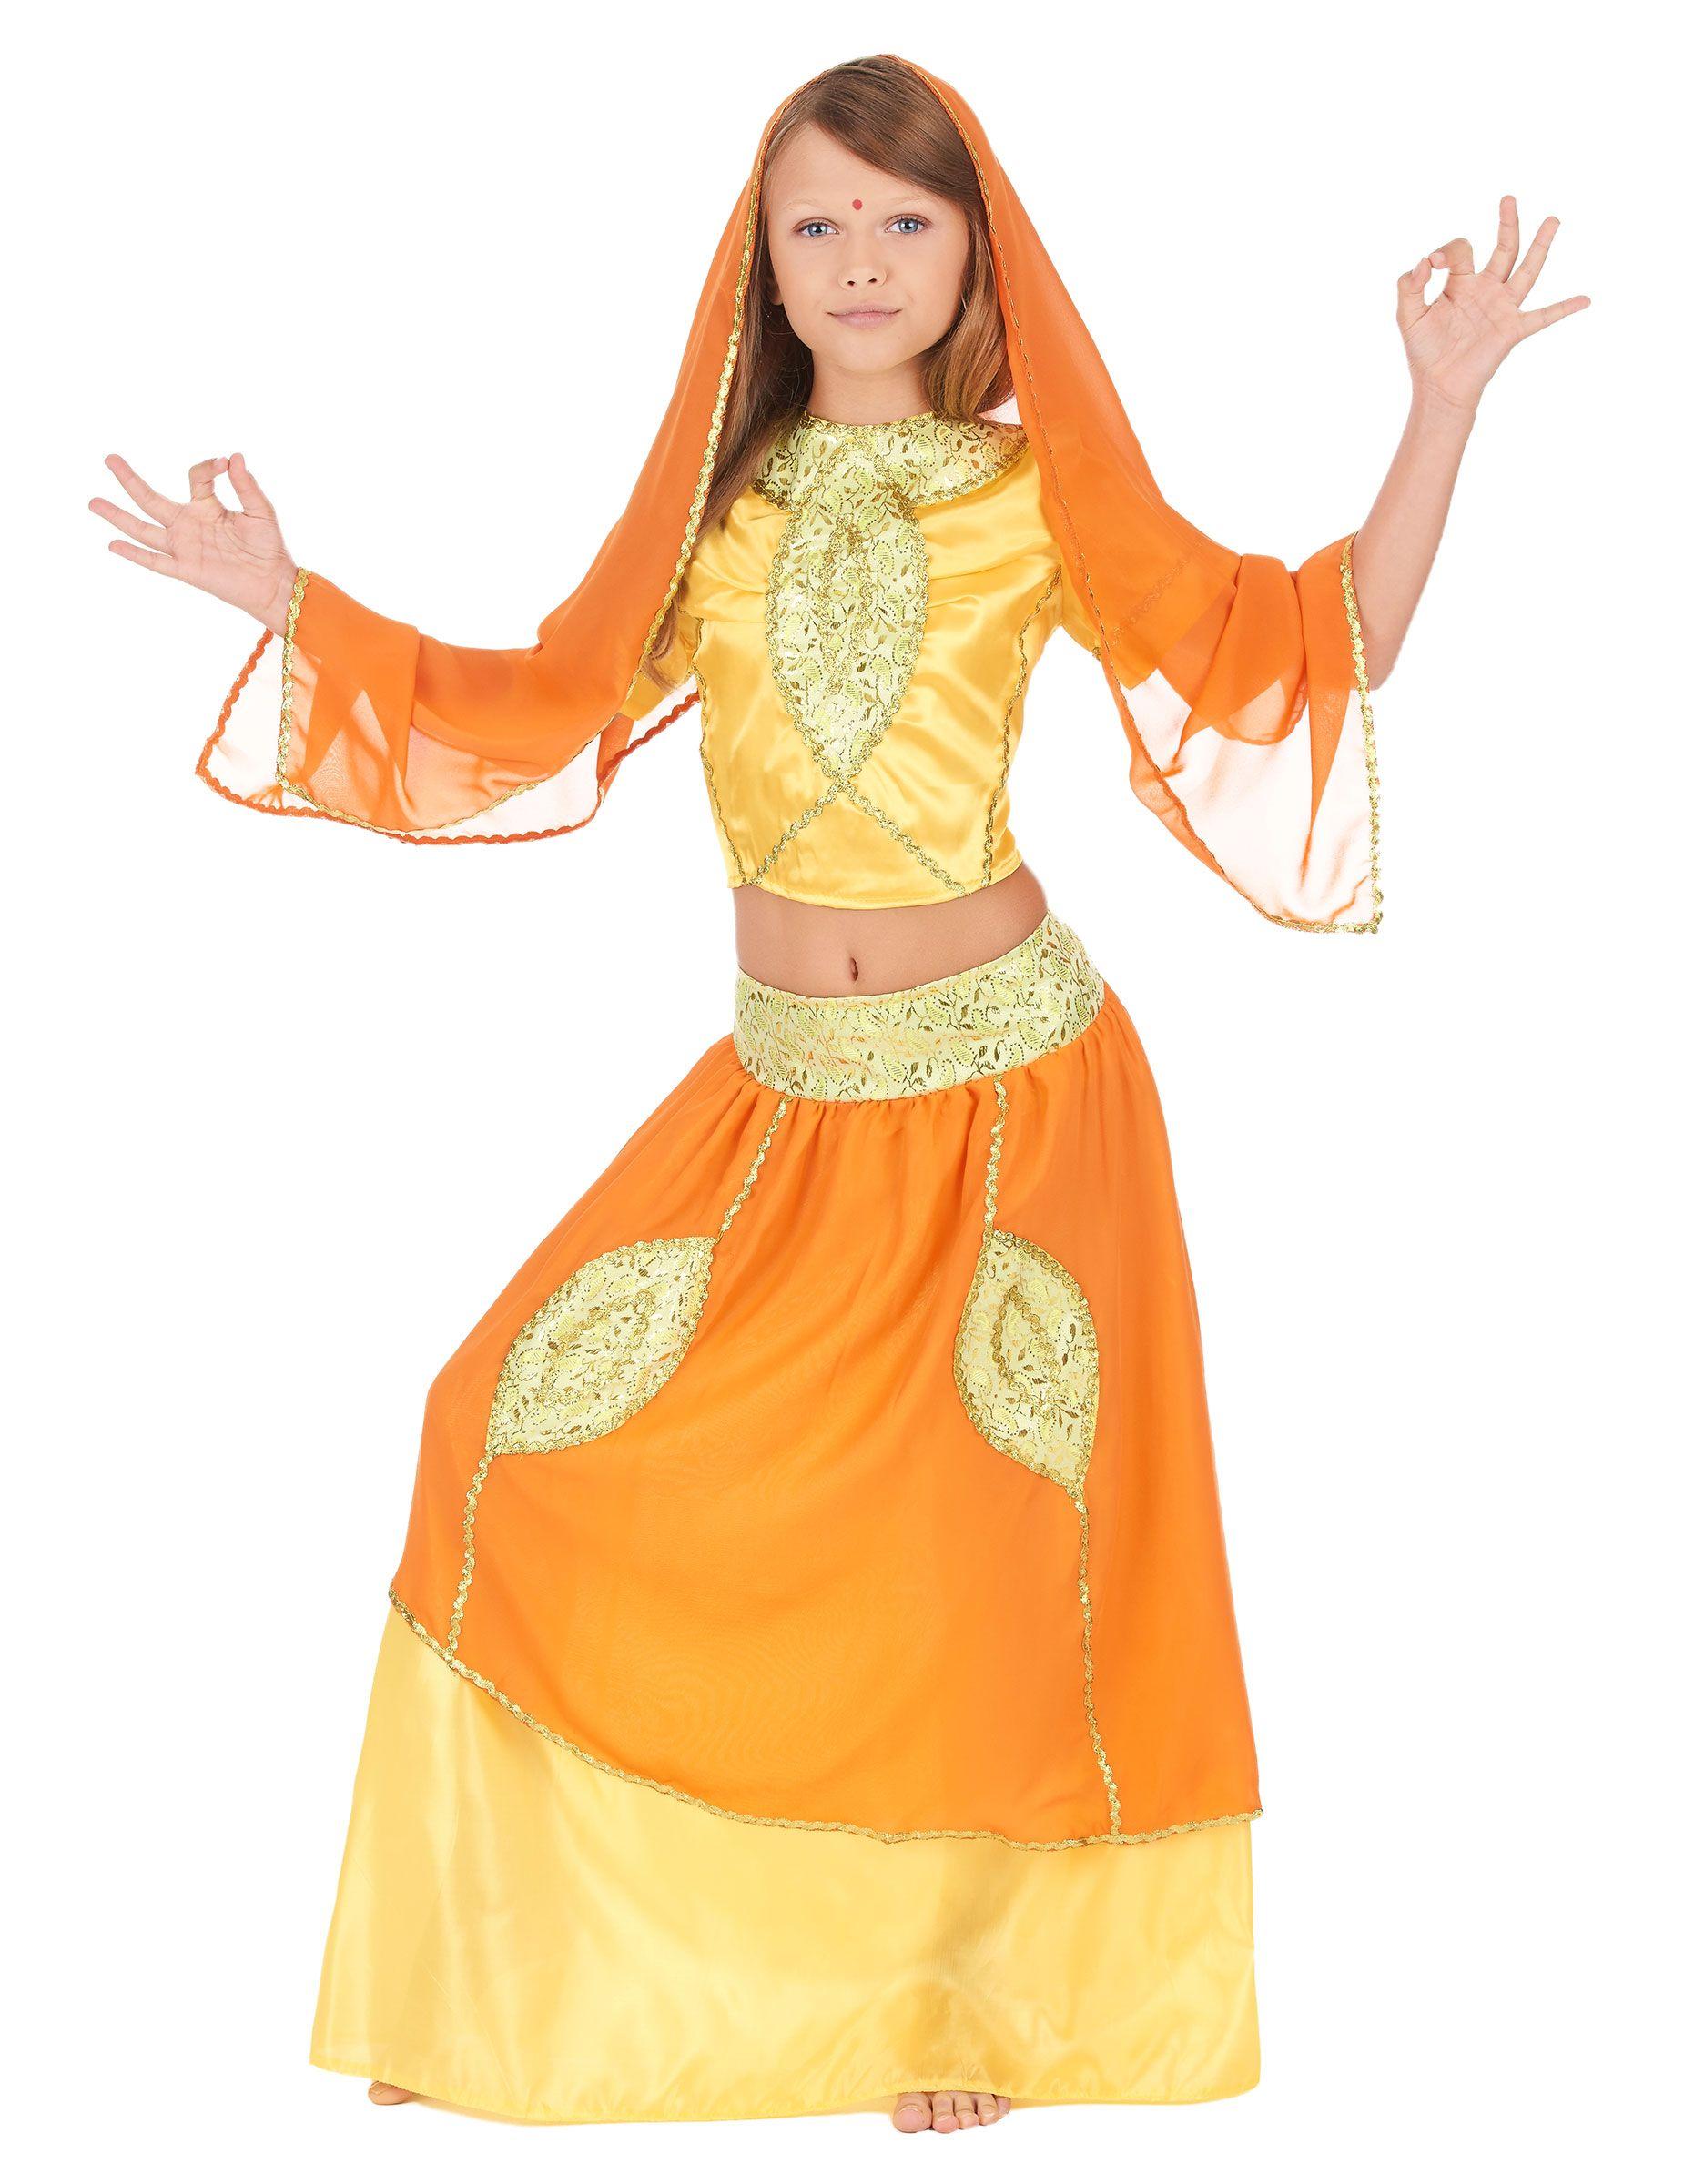 b571d8e7768 Déguisement indienne bollywood enfant   Ce déguisement de princesse  indienne pour fille se compose d